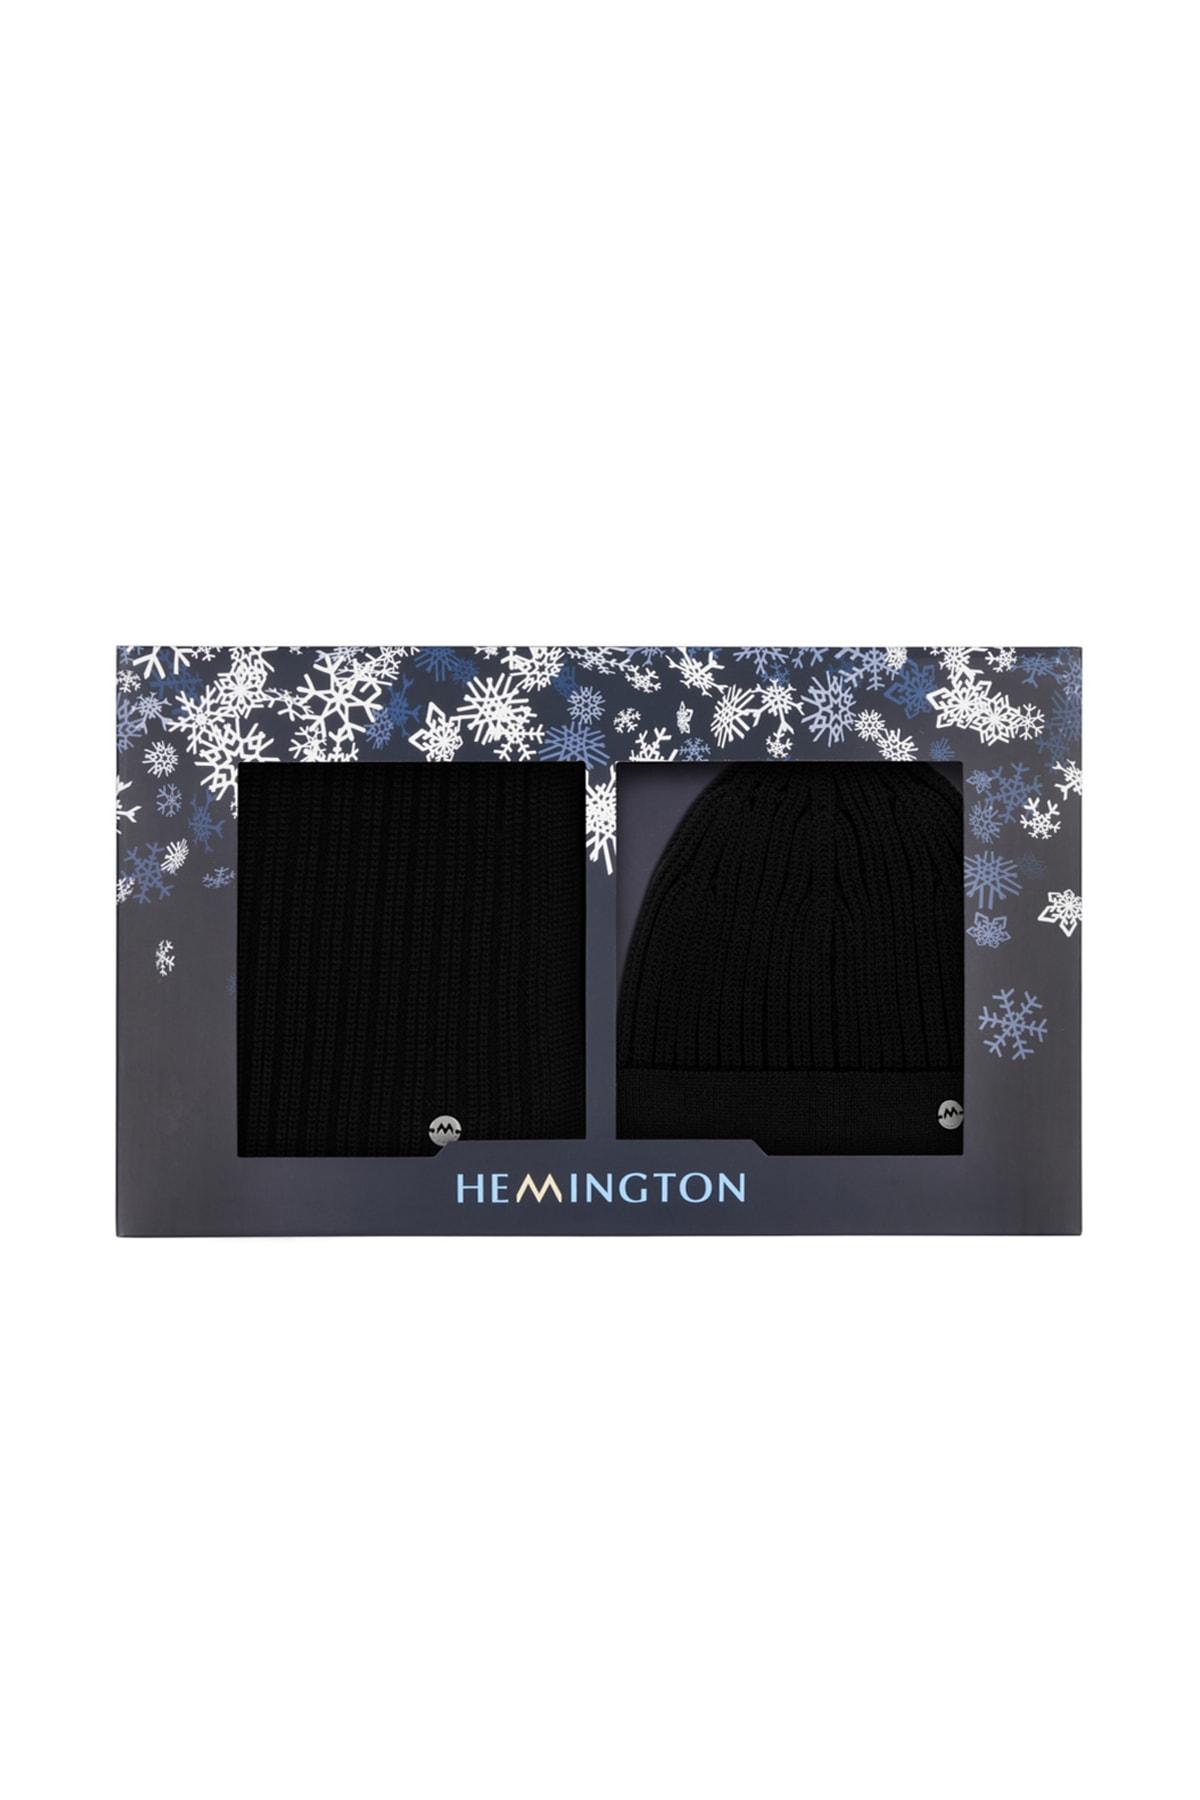 Hemington Erkek Siyah Yün Atkı 2